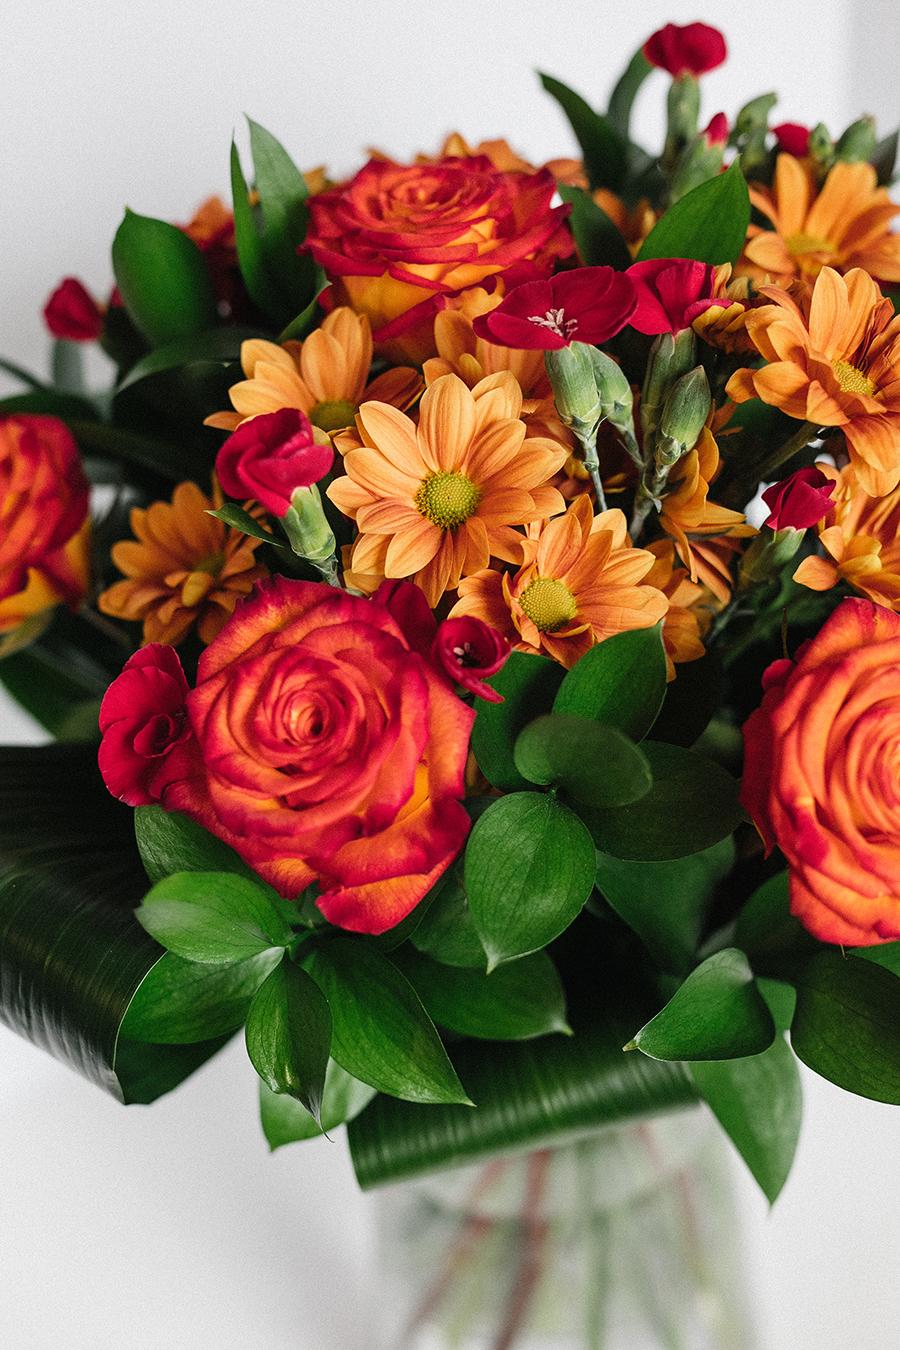 Bouquet de fleurs avec roses, marguerite et dianthus solomio